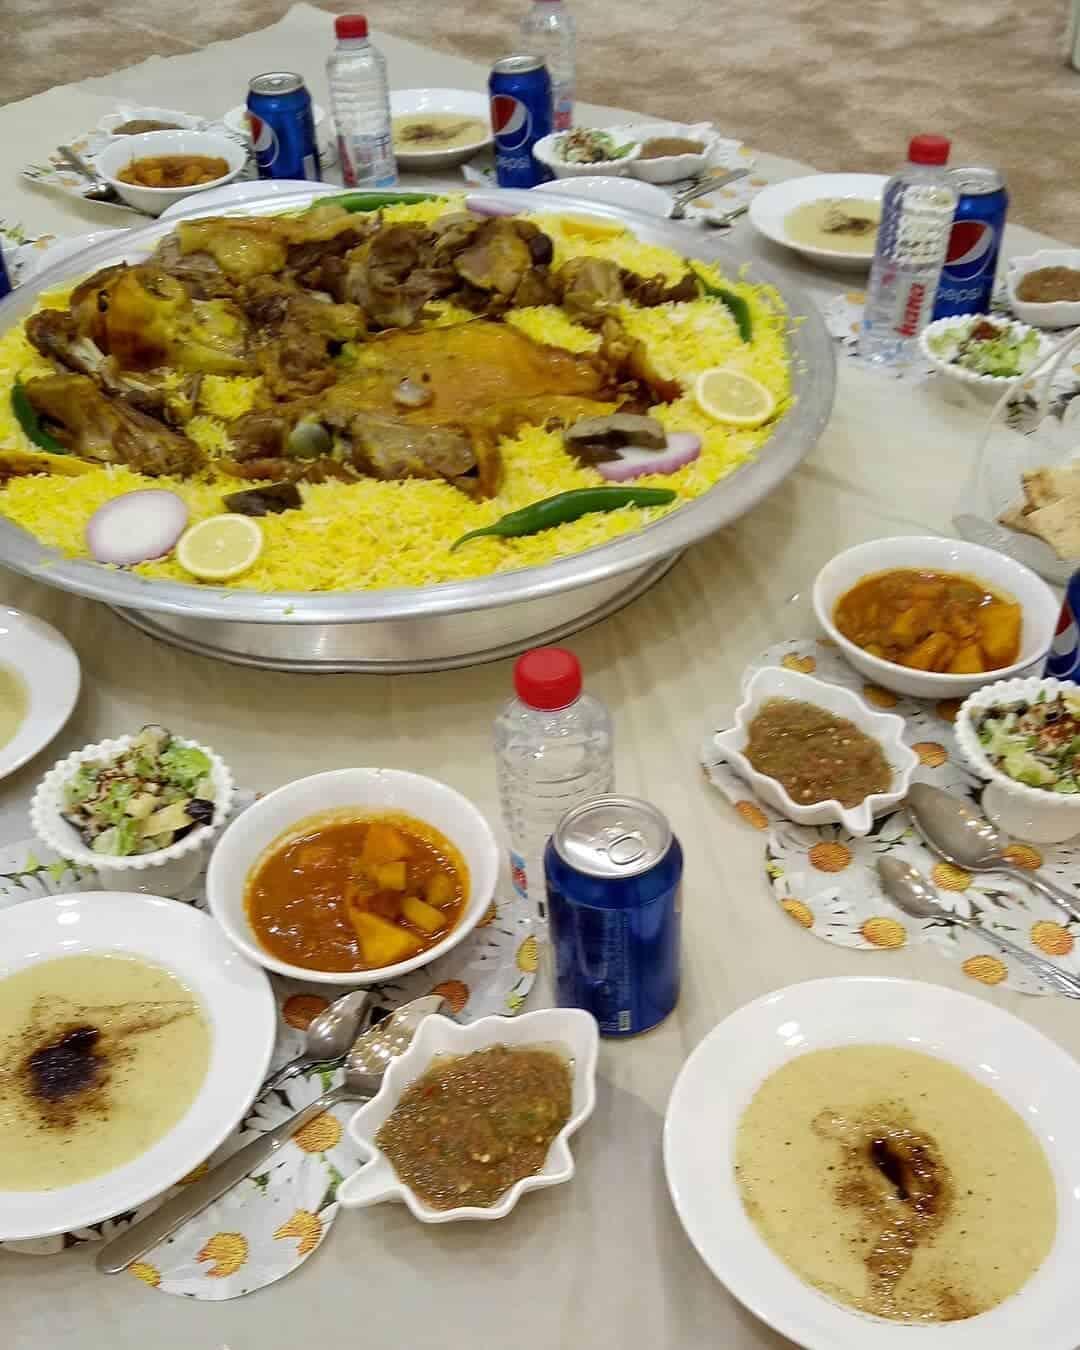 مطعم الحنون بأيدي سعوديات في الخرج